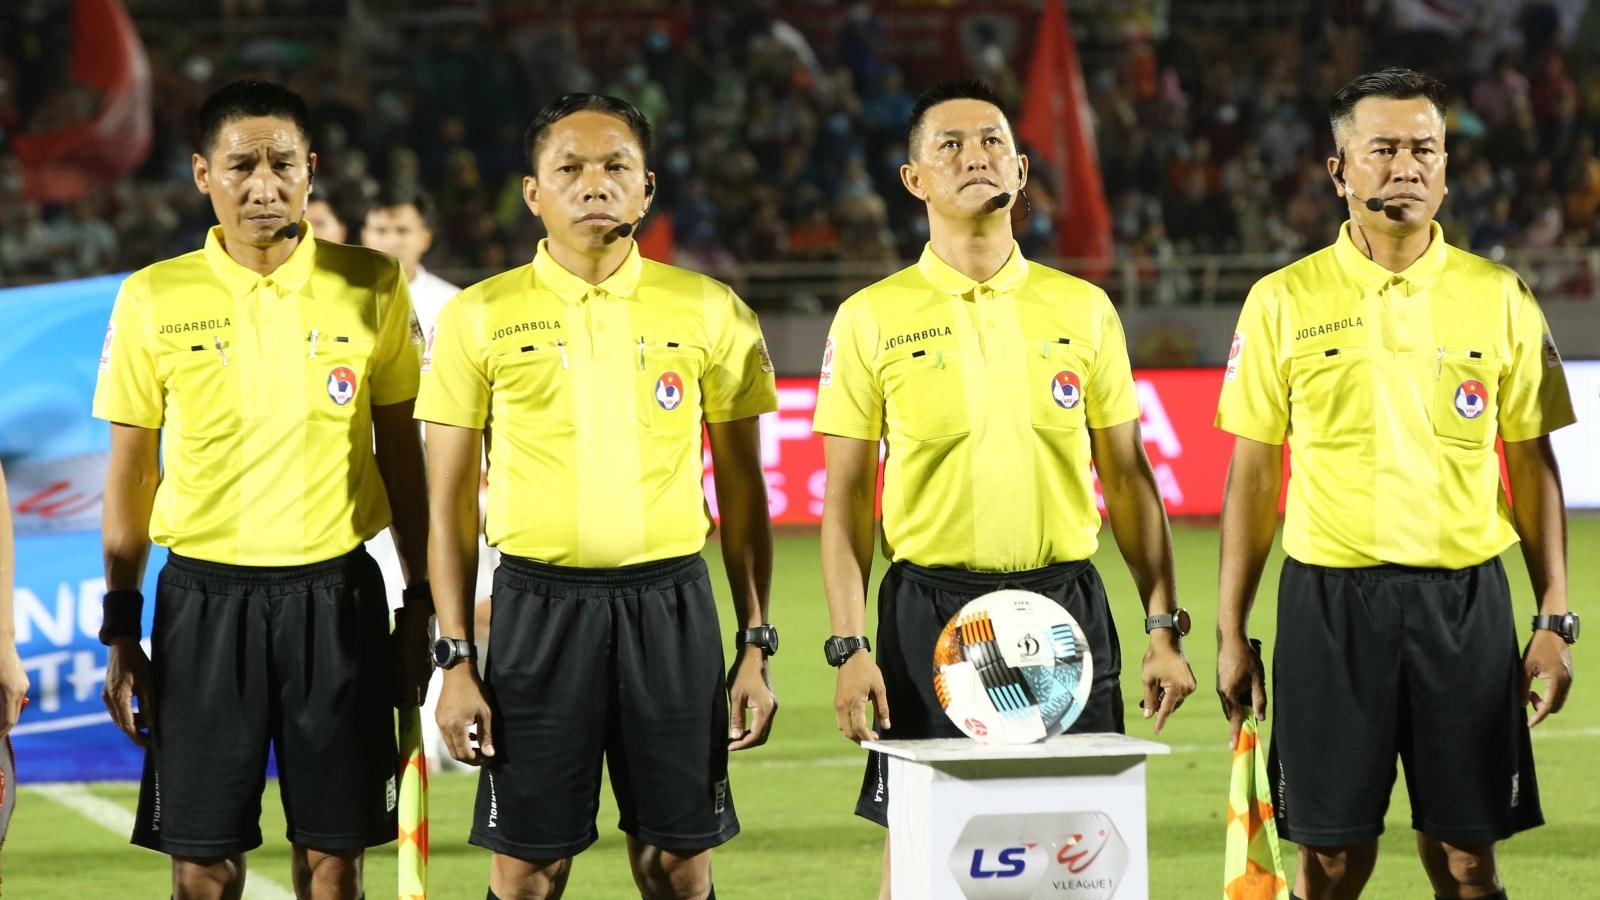 CLB TP.HCM kiến nghị VFF thay trưởng ban trọng tài Dương Văn Hiền